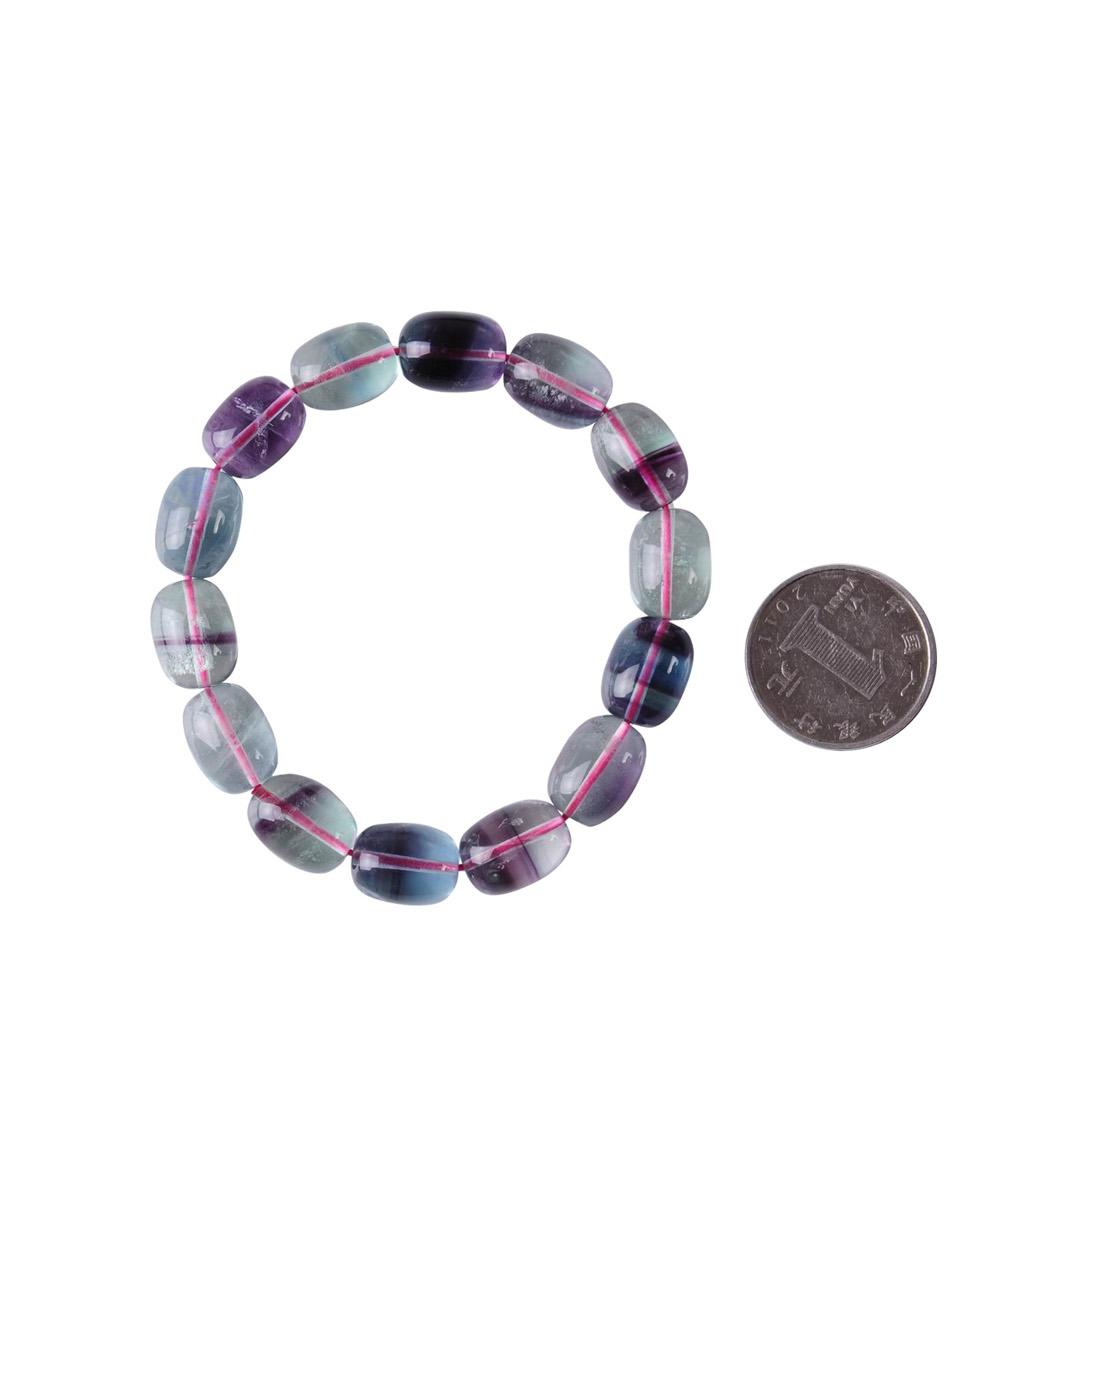 椭圆形珠子时尚手链05